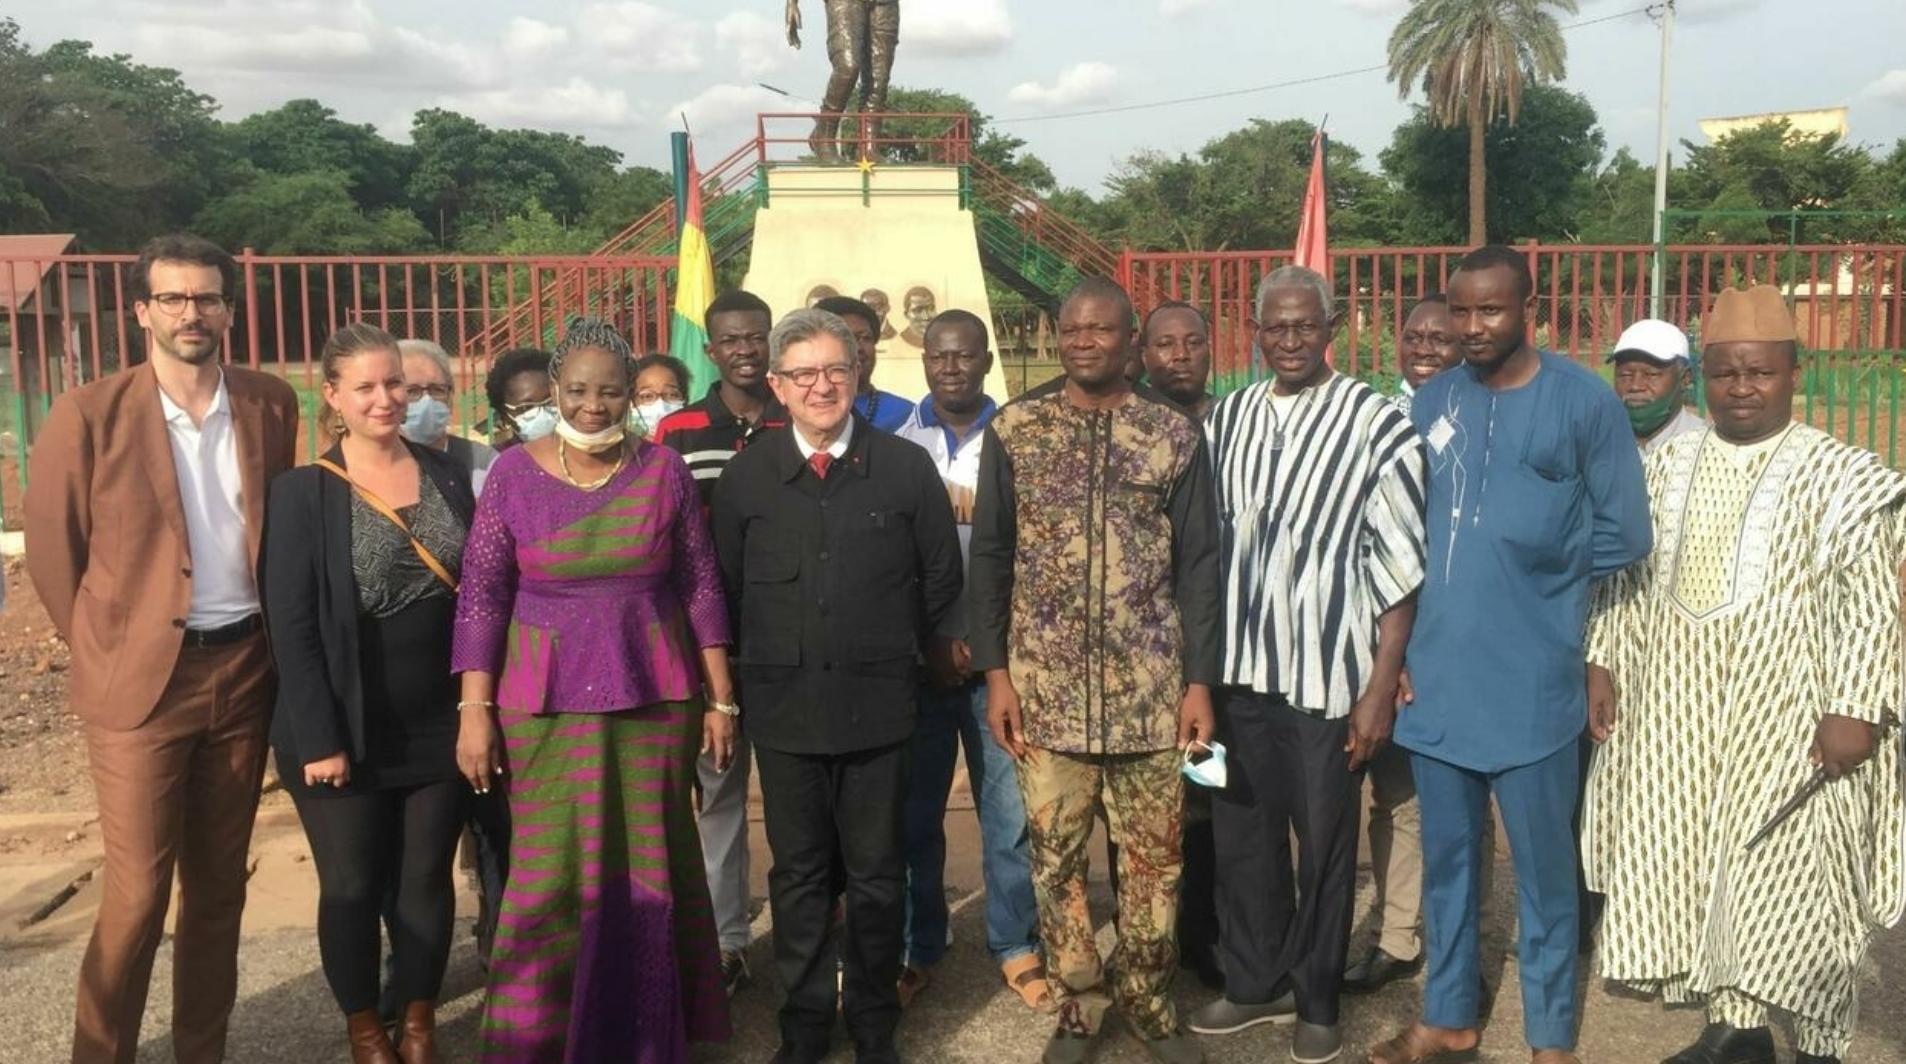 LE DÉPUTÉ JEAN LUC MÉLENCHON EN AFRIQUE